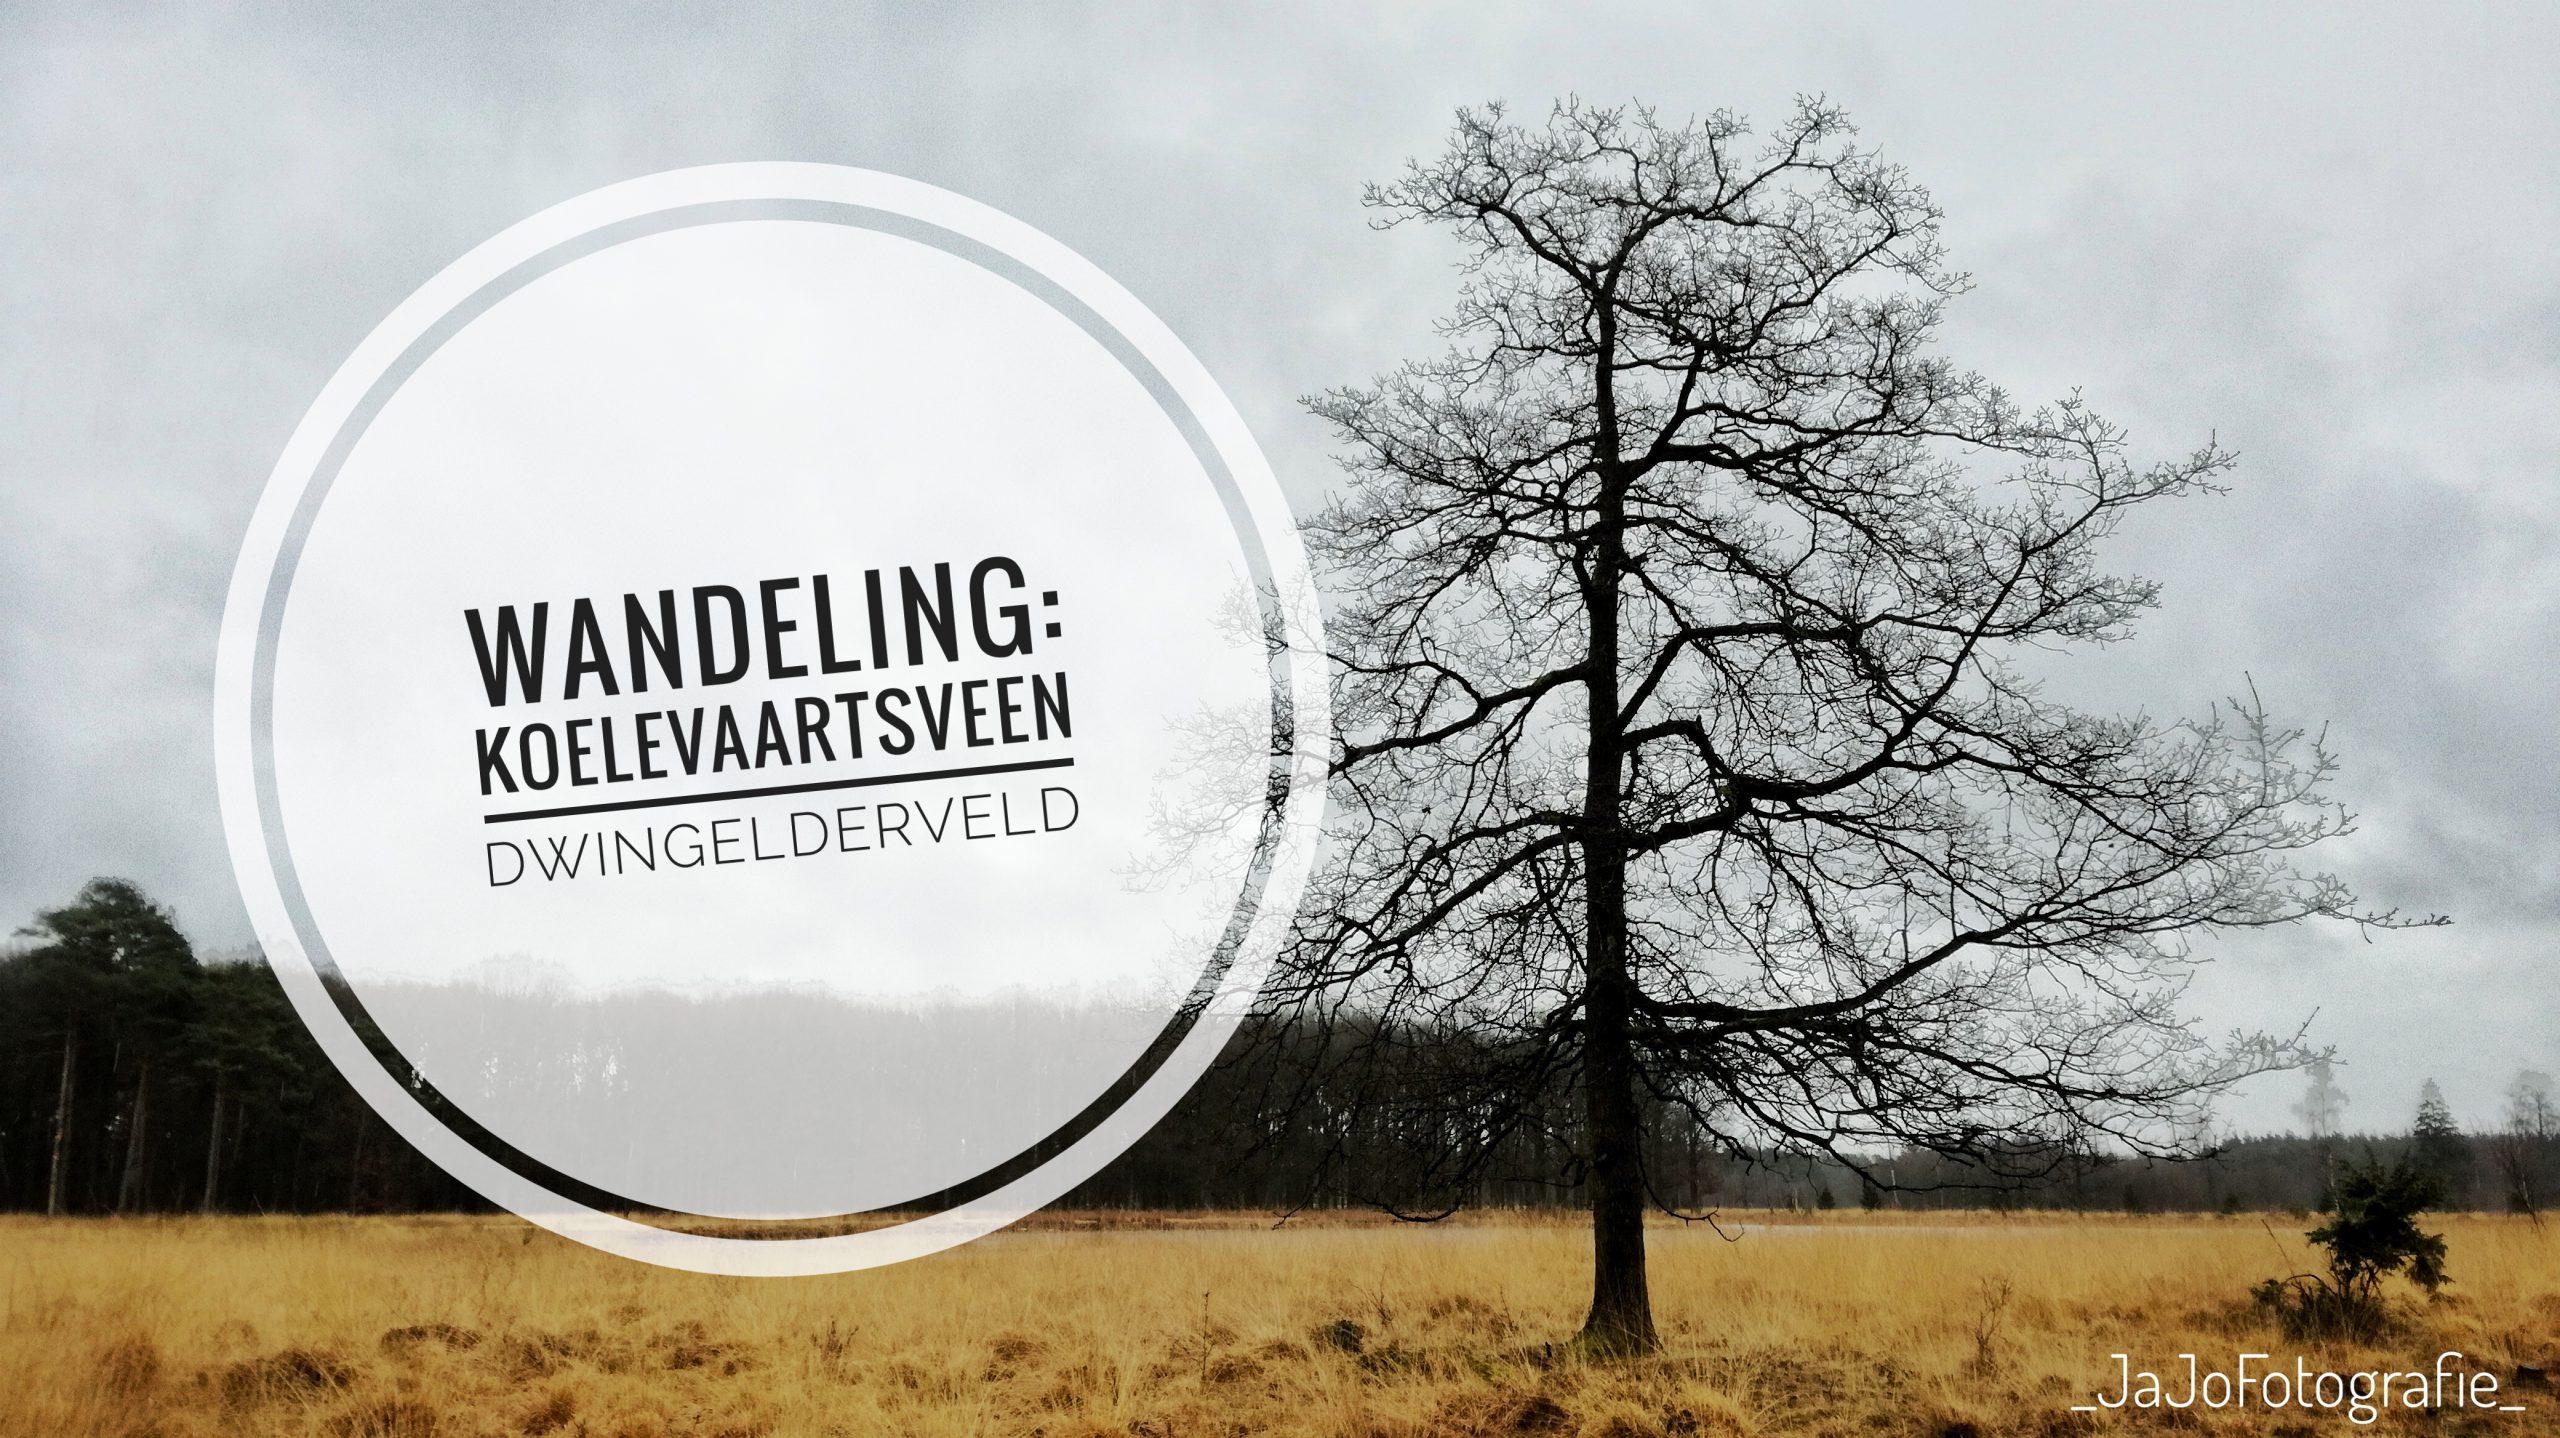 Wandeling: Koelevaartsveen